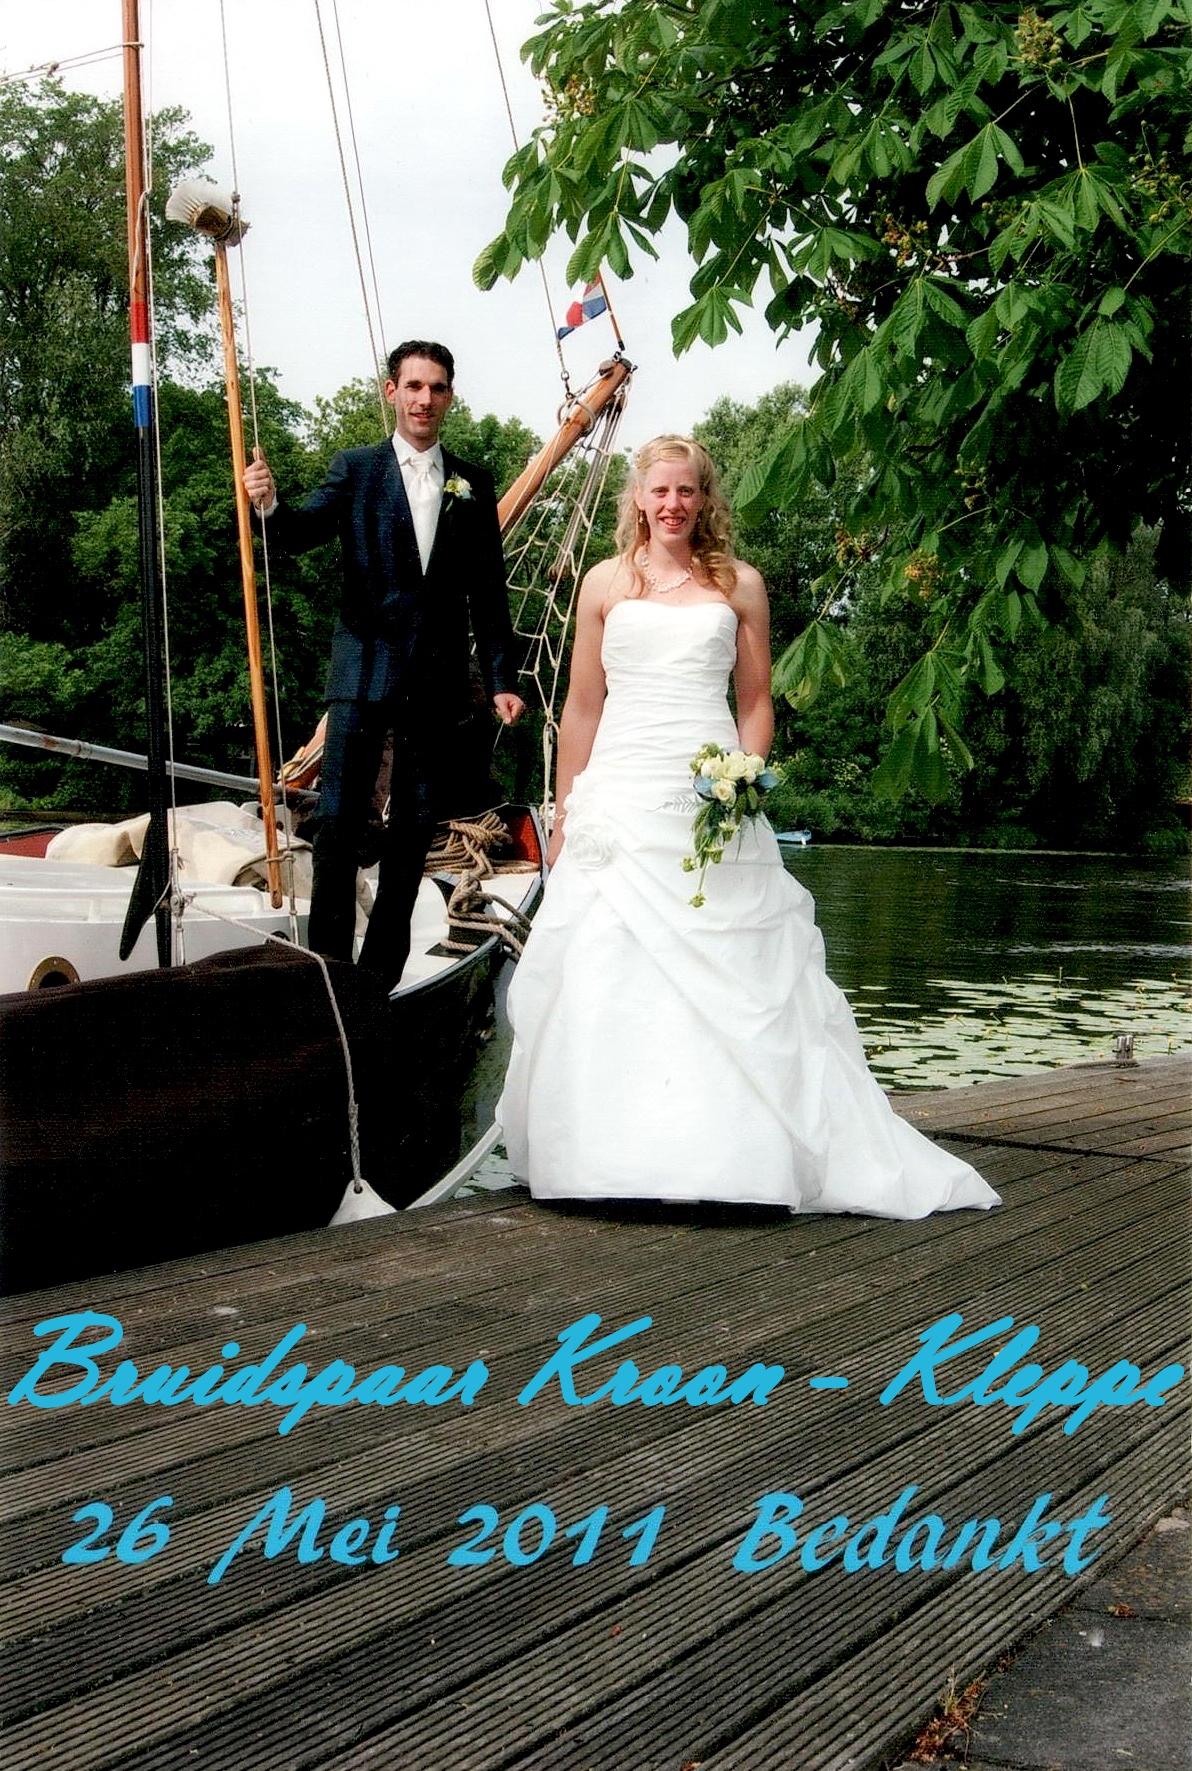 Bruidspaar Kroon - Kleppe